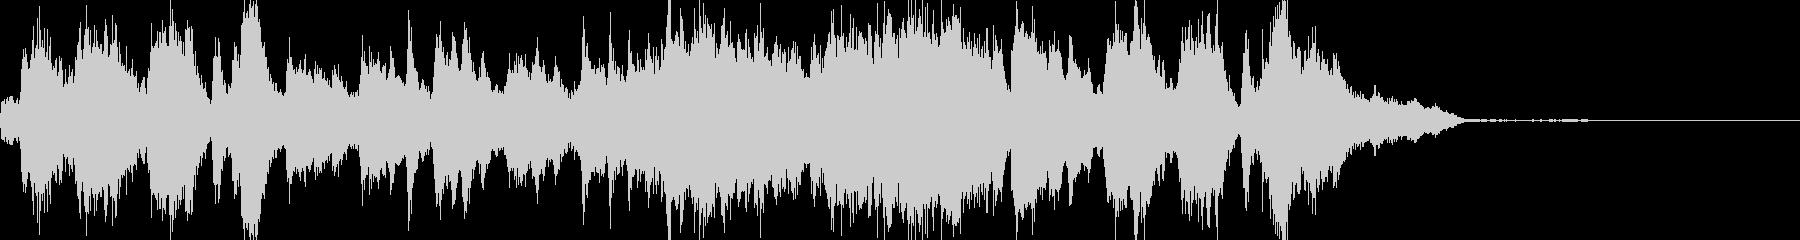 37秒で完結するファンタジーミュージックの未再生の波形